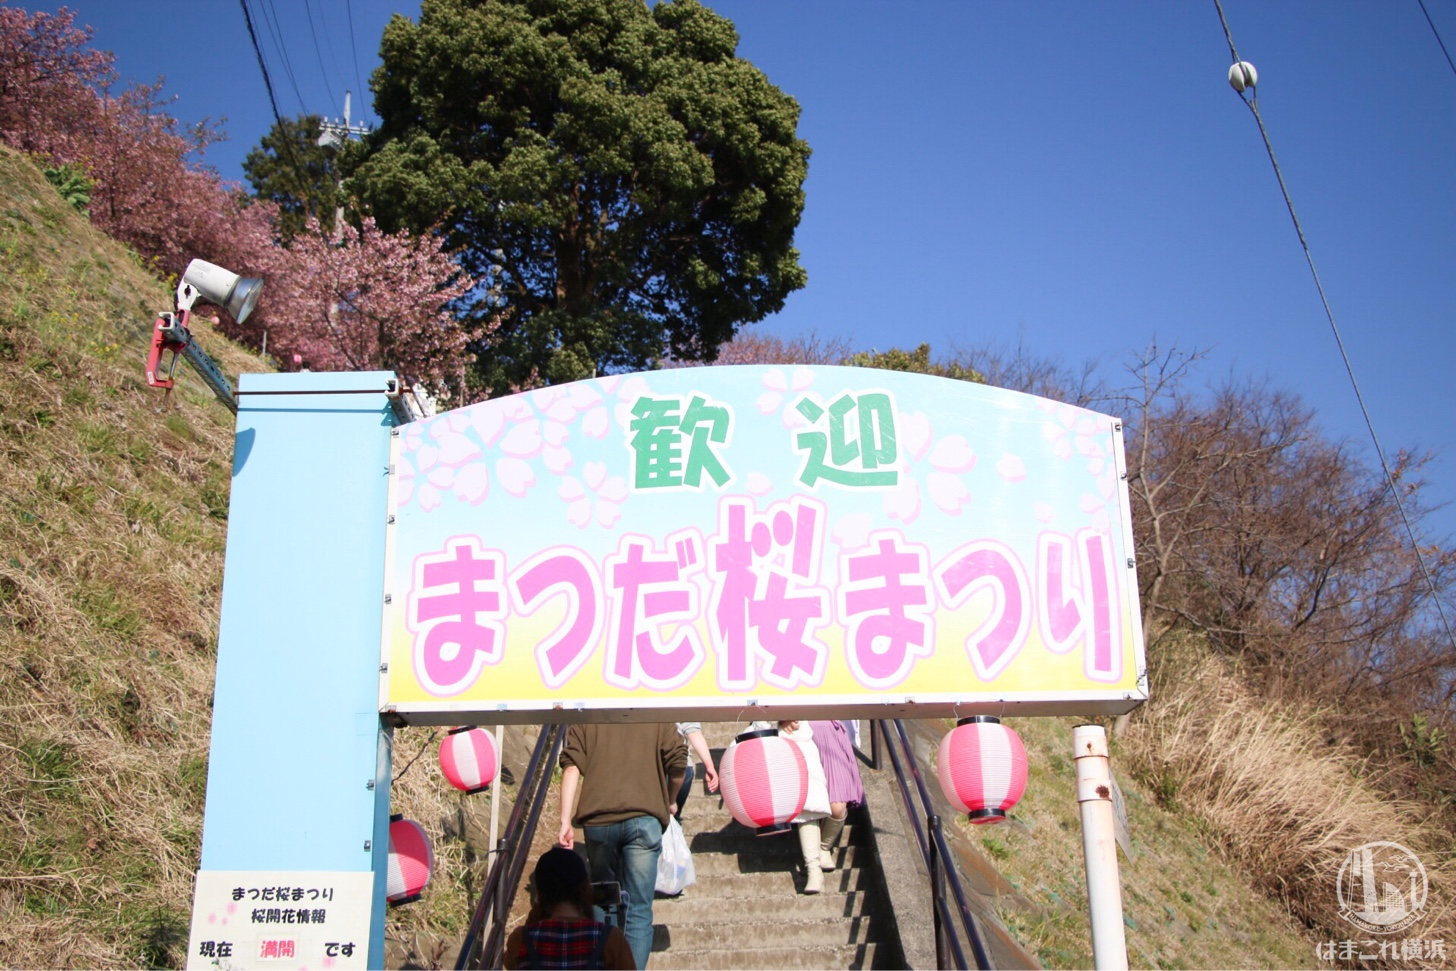 河津 神奈川 桜 県